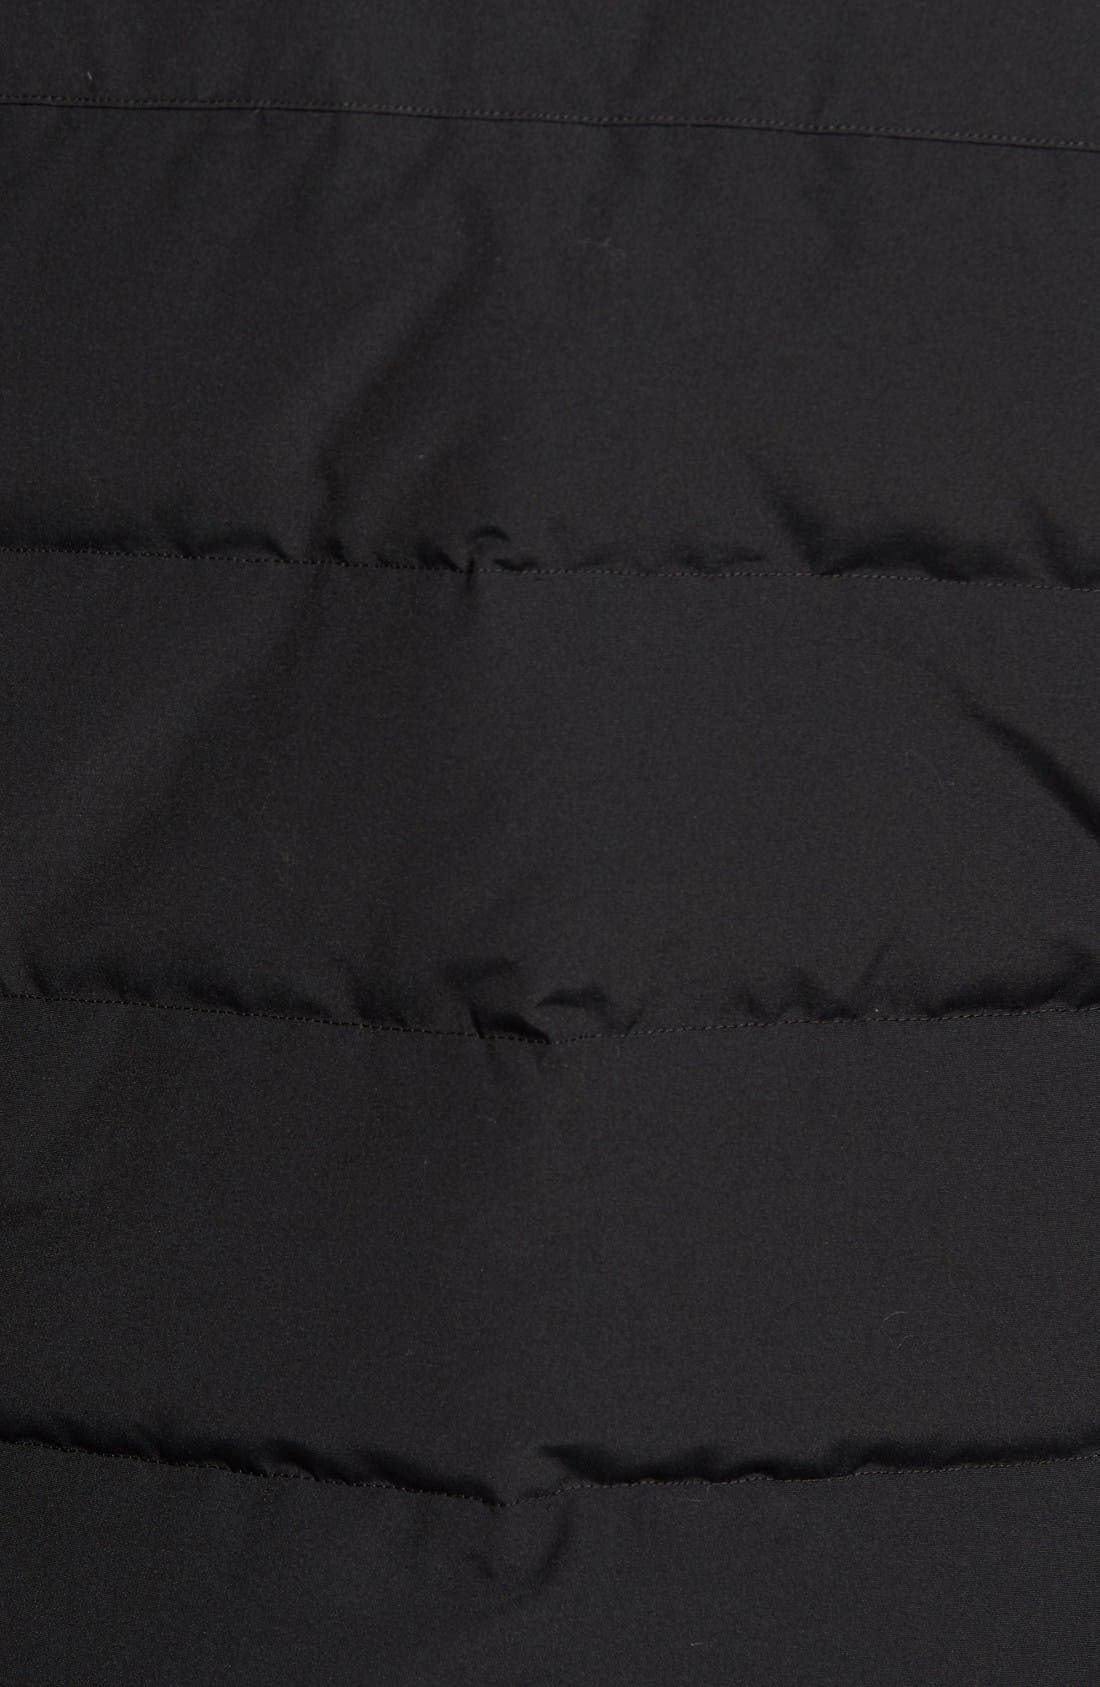 Sylvan Down Vest,                             Alternate thumbnail 5, color,                             Black